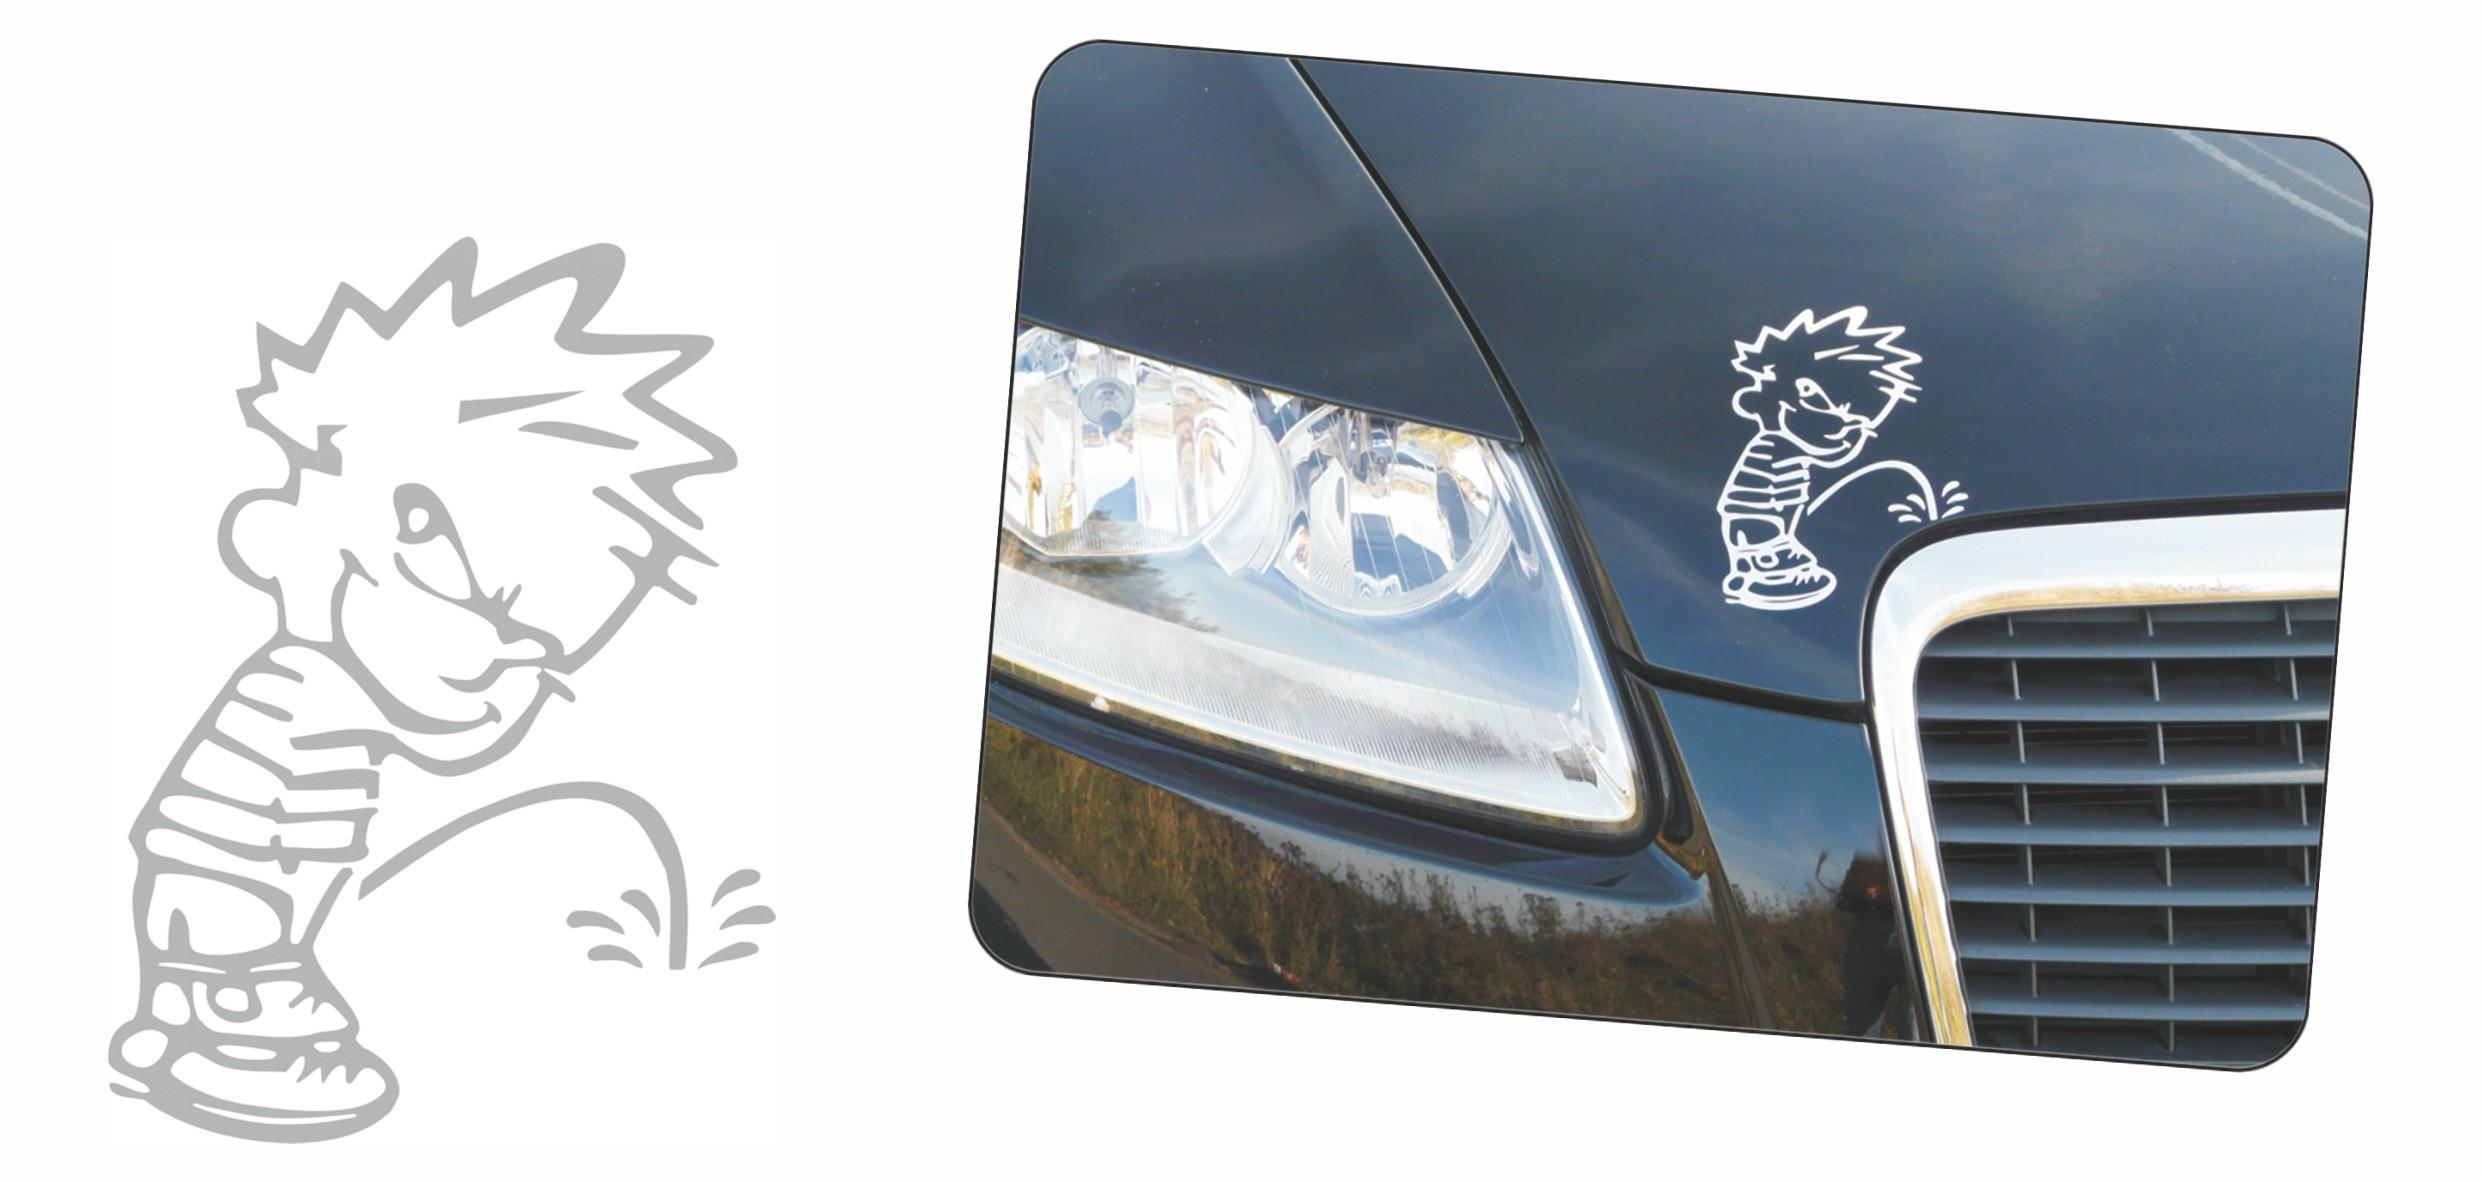 Aufkleber Spiegel- und Car-Tattoo Augen – Bild 2